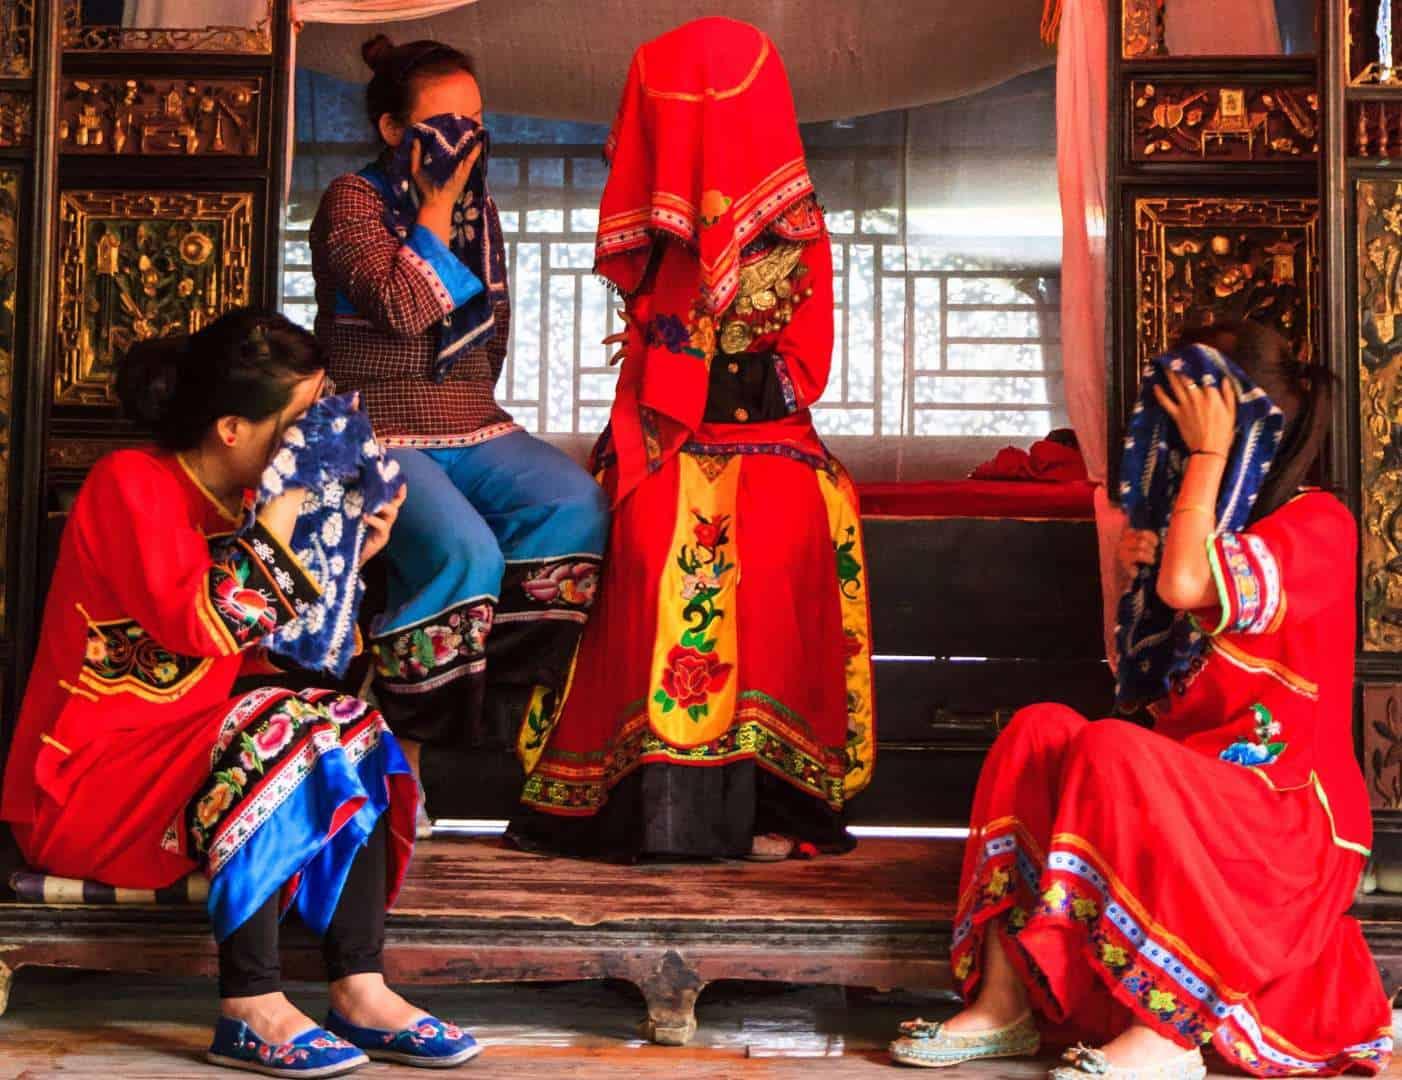 طقوس زواج غريبة في الصين: دموع الحب واجبة على العروس وأهلها